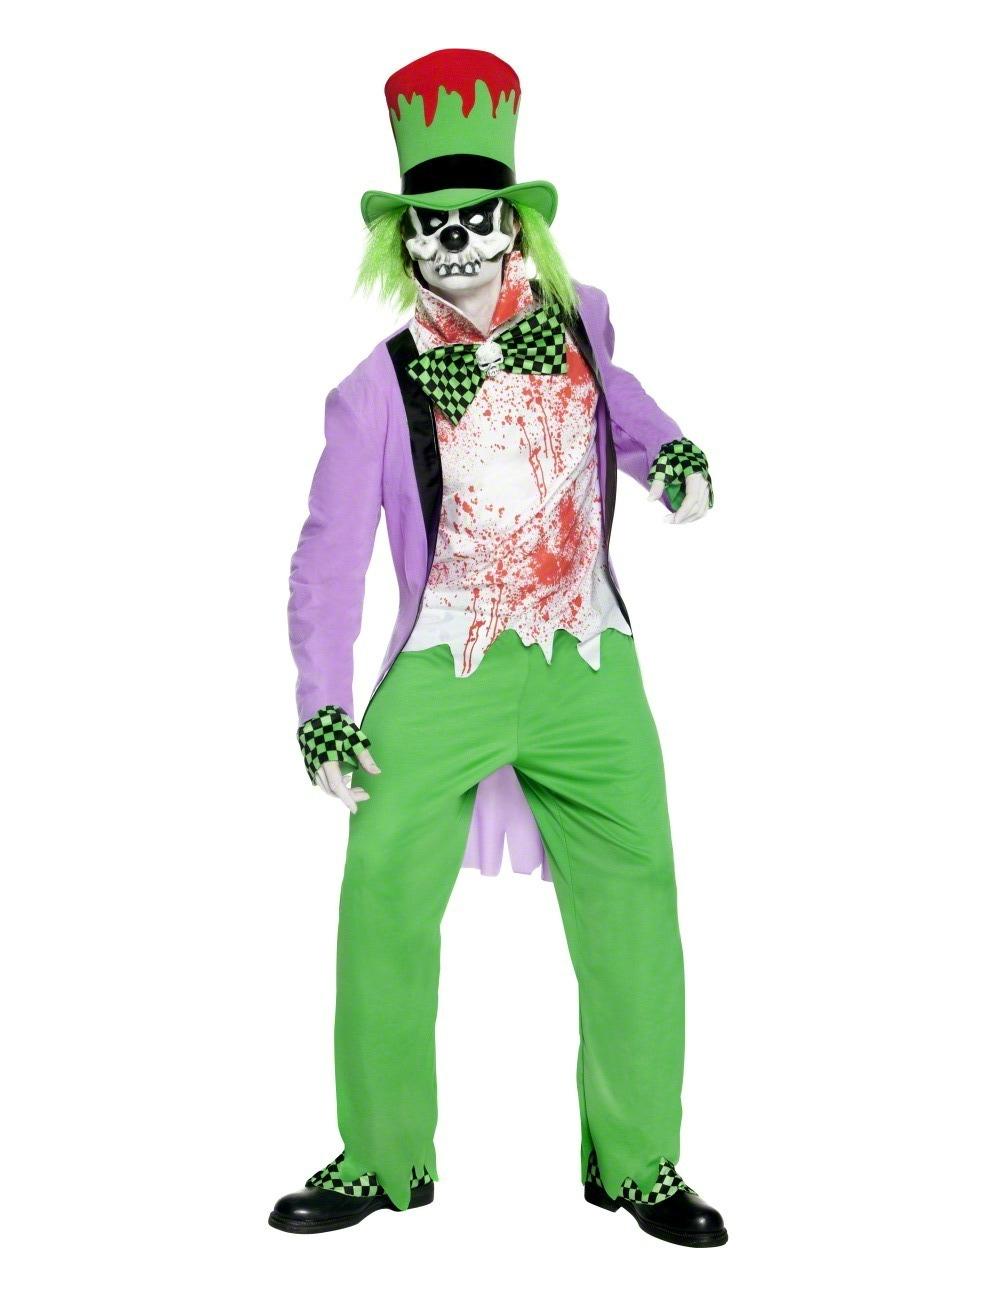 e6f349c7fd40 Costume da clown malefico adulti Halloween su VegaooParty